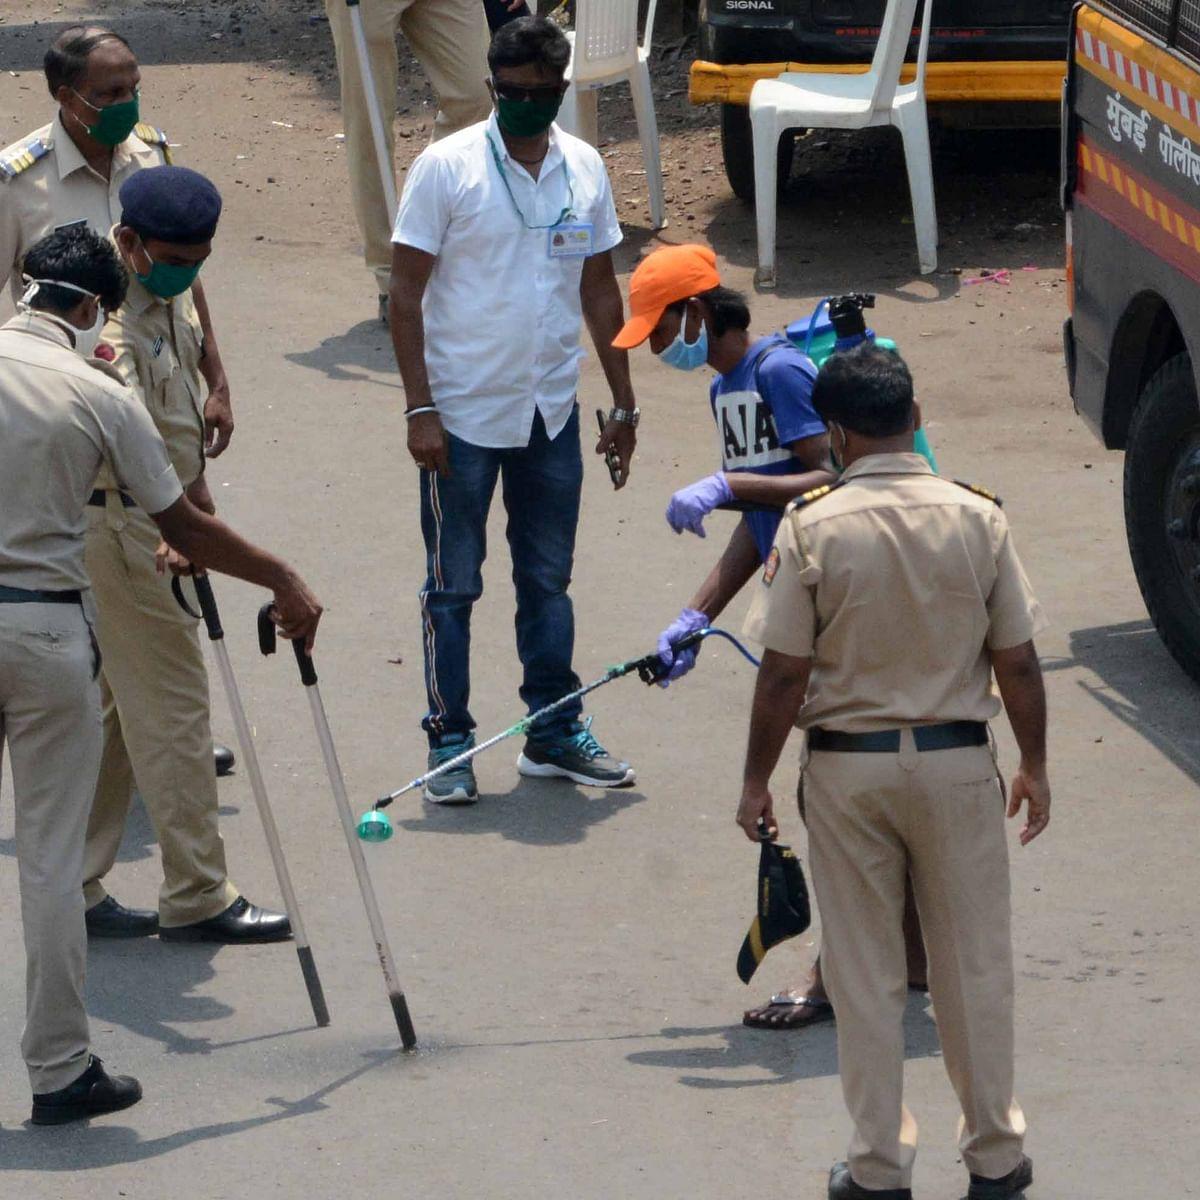 Maharashtra Police records 364 new COVID-19 cases, 4 deaths